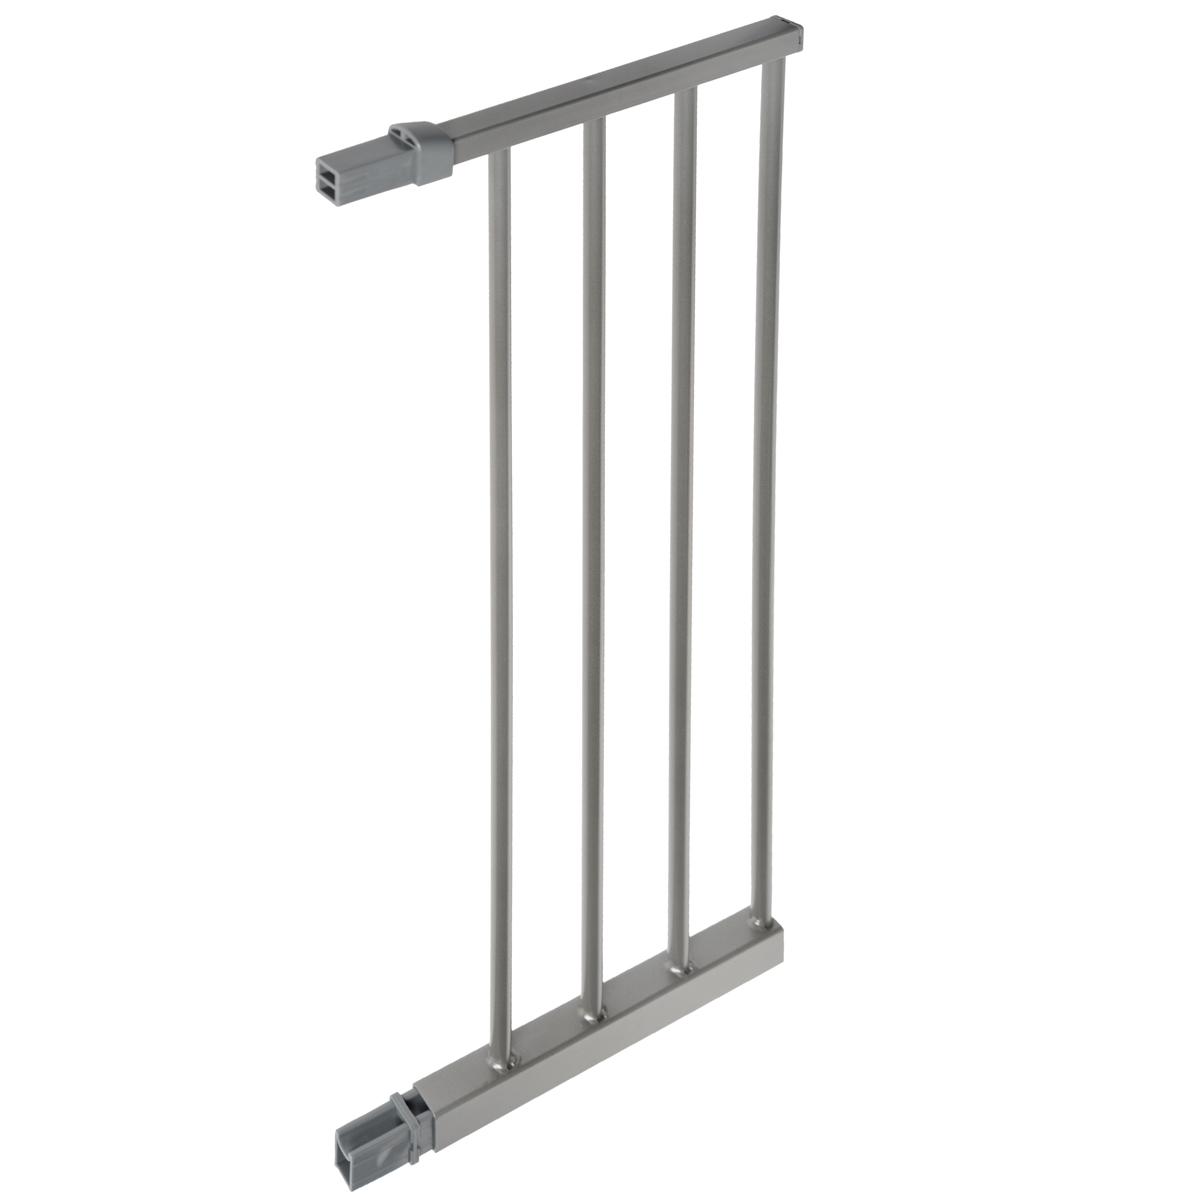 Дополнительная секция к защитным воротам Lindam  Sure Shut , цвет: серебристый, 28 см